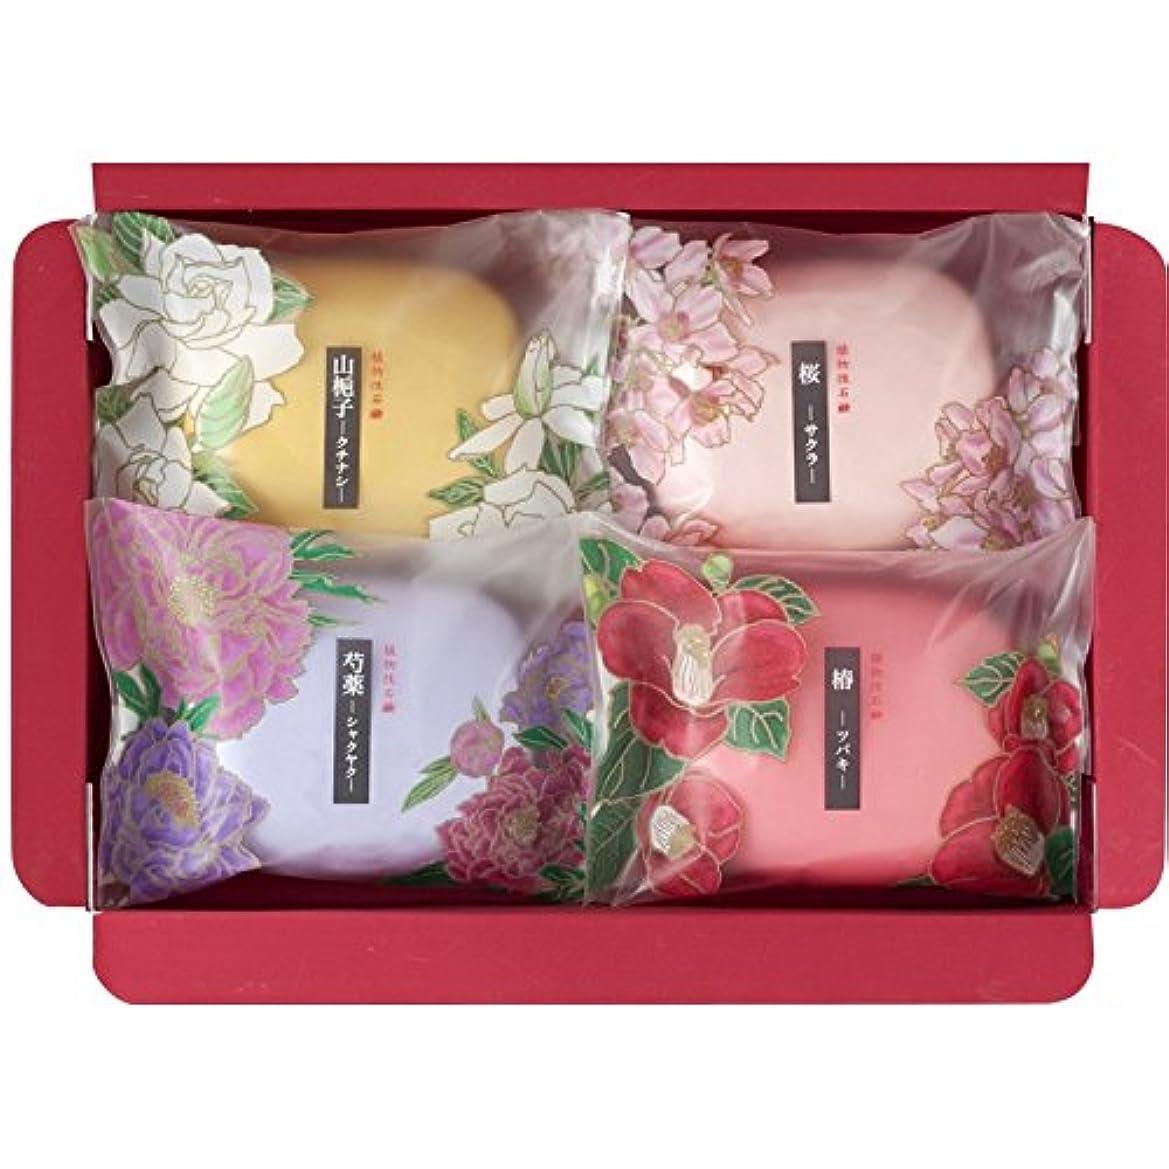 アナロジー撃退する作り上げる彩花だより 【固形 ギフト せっけん あわ いい香り いい匂い うるおい プレゼント お風呂 かおり からだ きれい つめあわせ 日本製 国産 500】